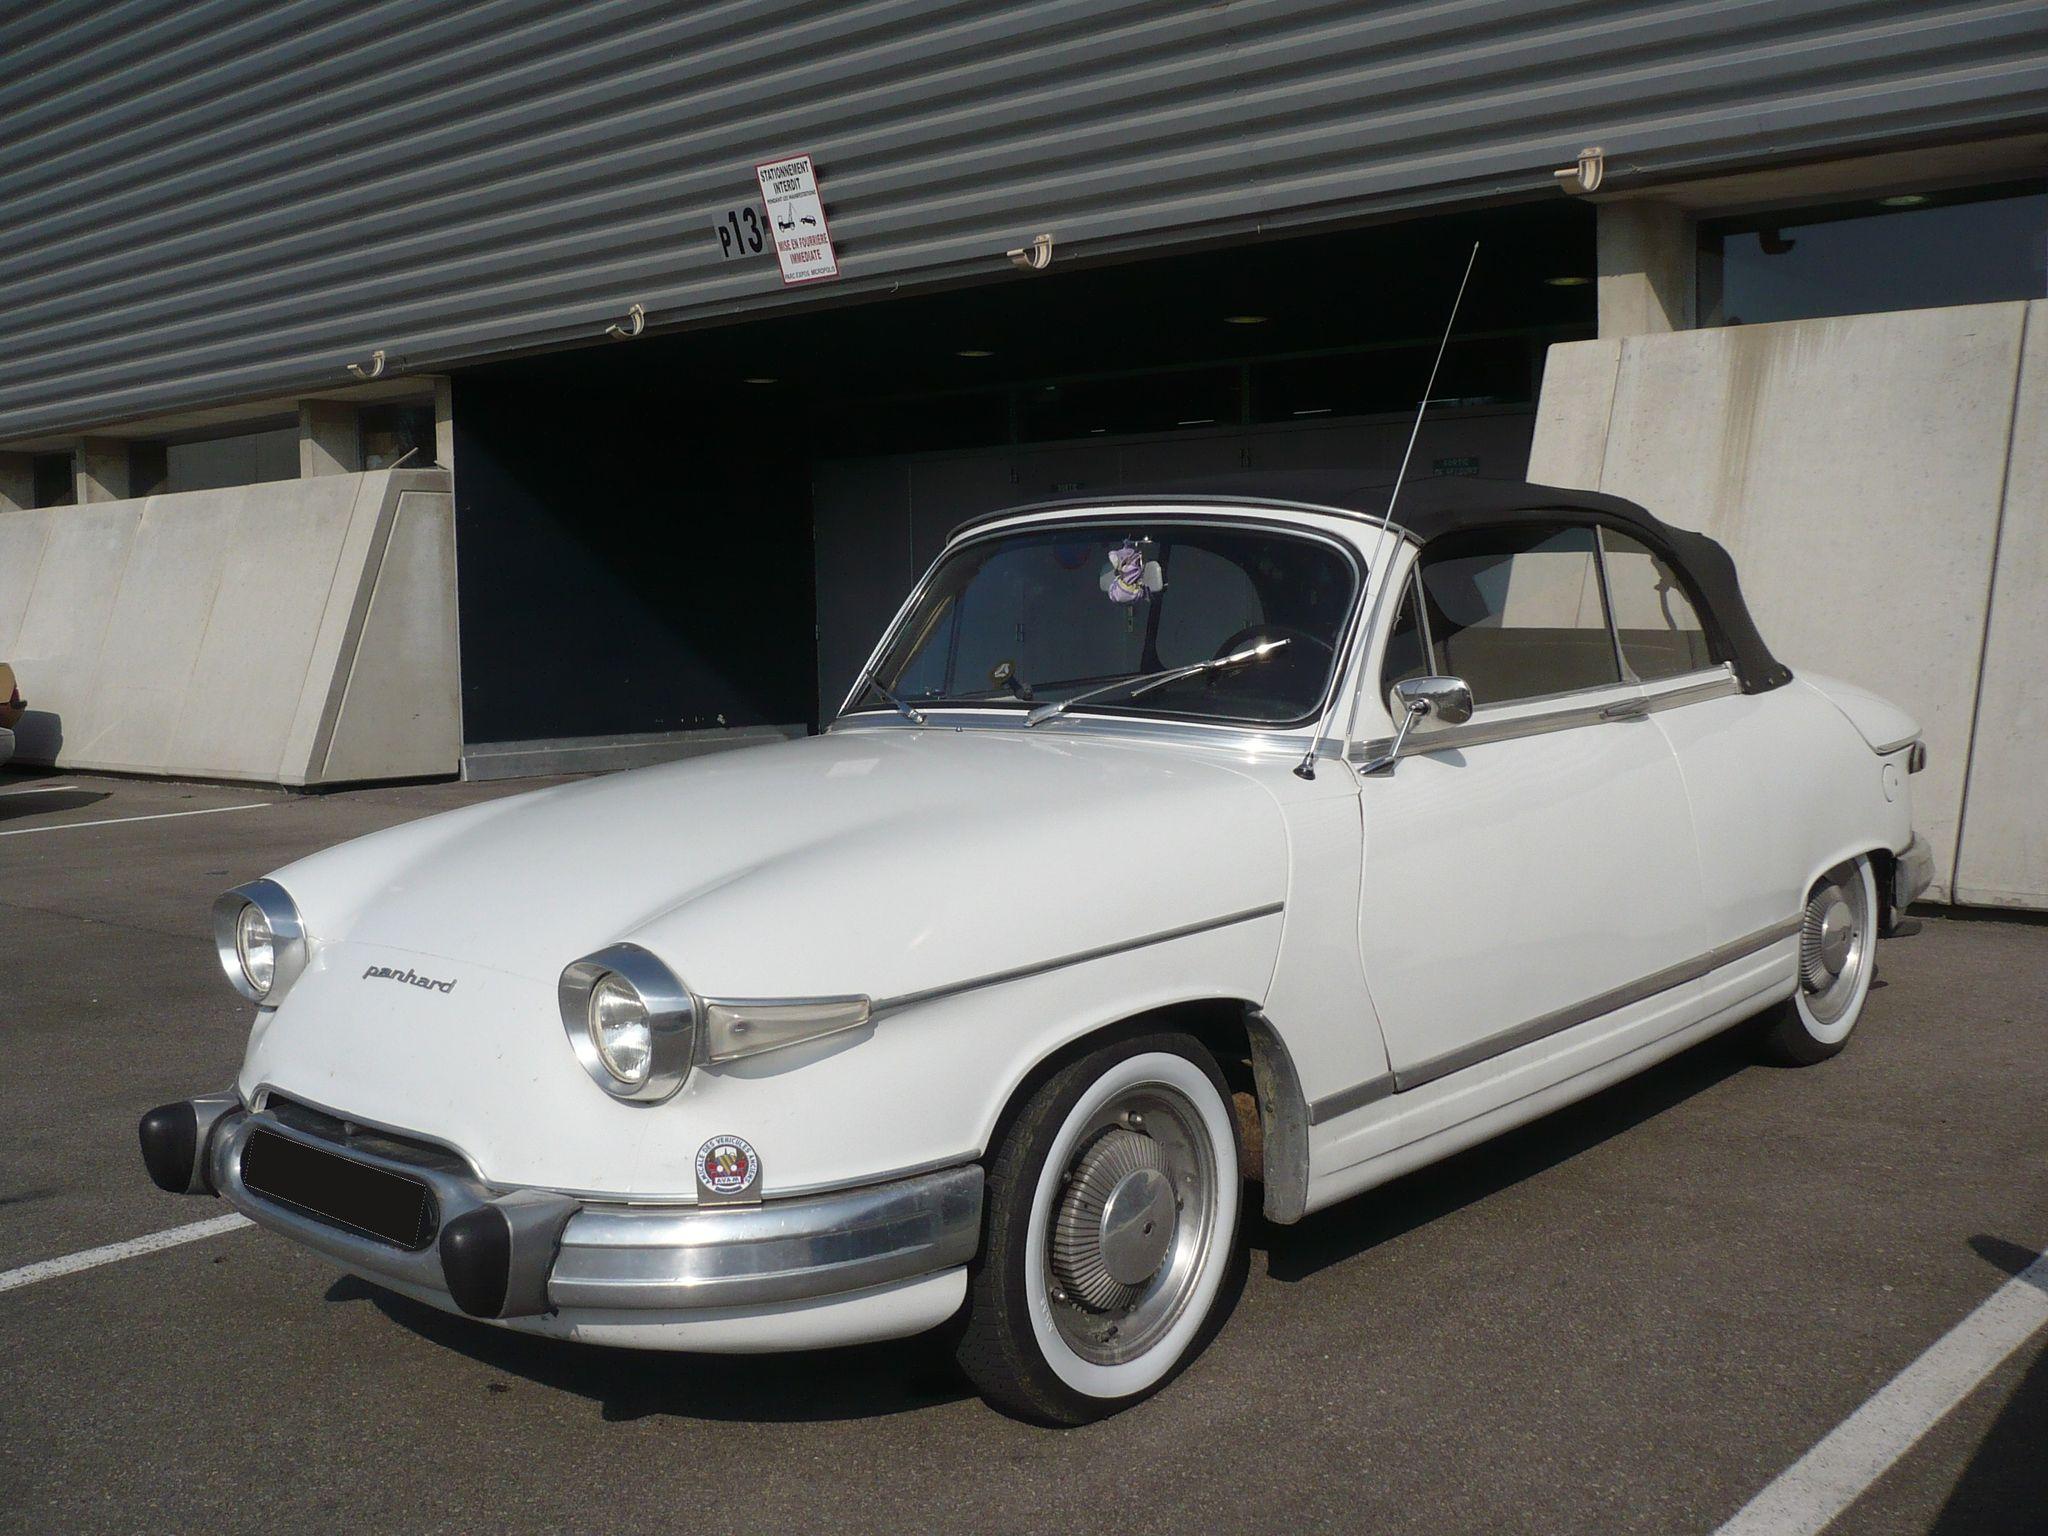 Souvent PANHARD PL17 Tigre cabriolet 1963 Besançon (1) - Photo de 085 - 5e  CF13